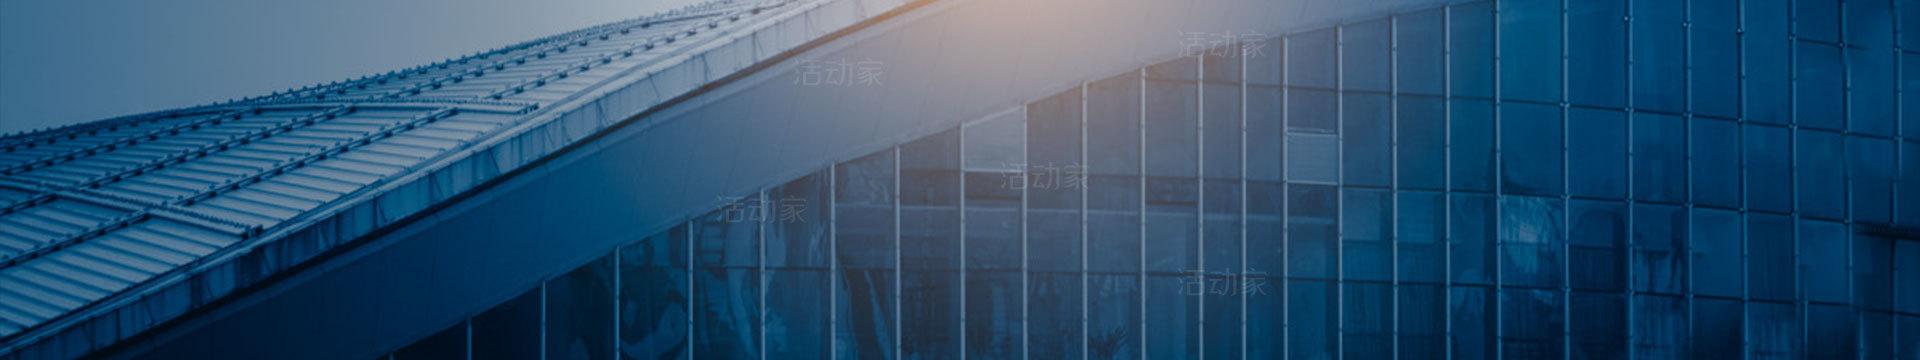 2019国家科技计划项目、特色小镇及田园综合体政策申报专家指导会(8月北京)